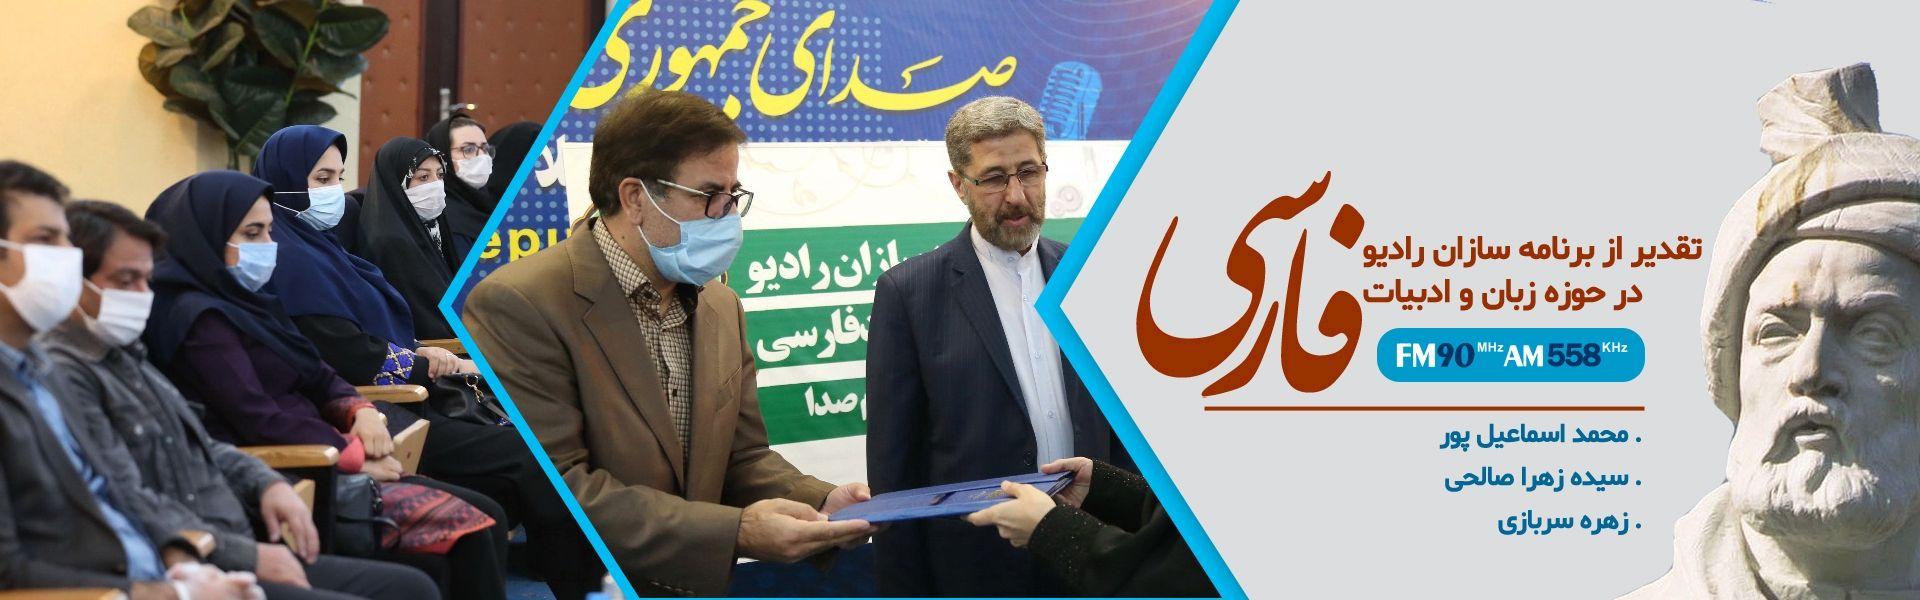 تقدیر از برنامه سازان رادیو در حوزه زبان و ادبیات فارسی